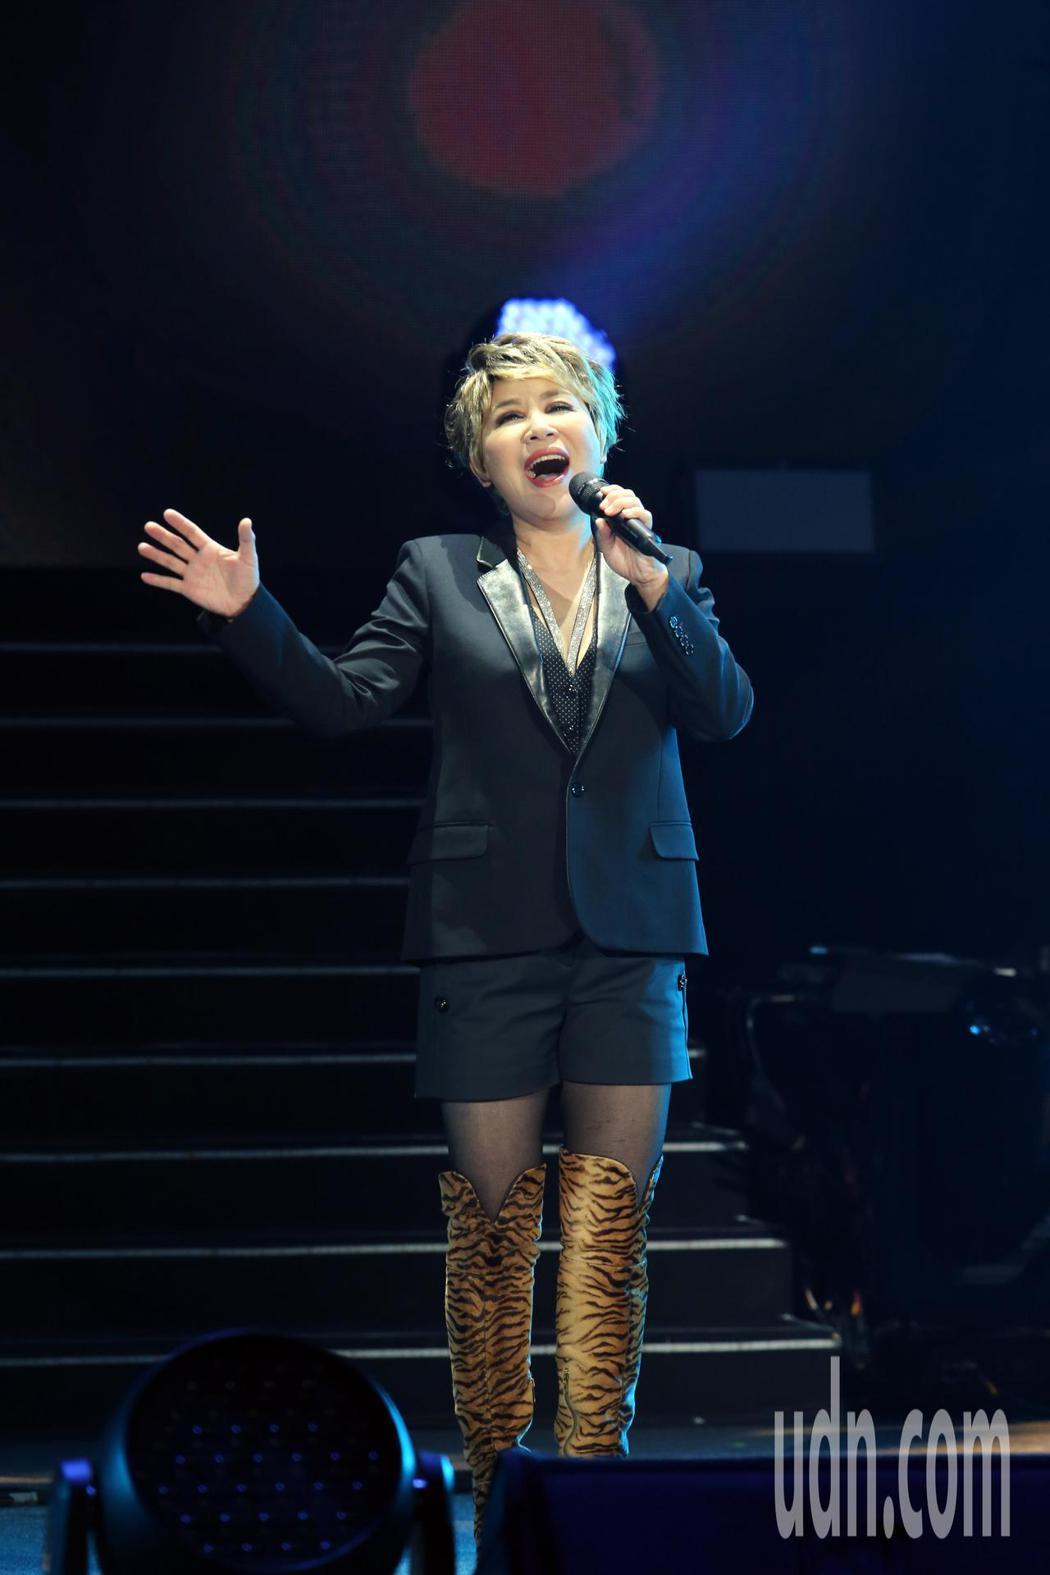 鄭怡晚間舉辦出道40年來首場大型演唱會,嘉賓黃小琥(圖)開場就說:鄭怡是唱氣氛的...